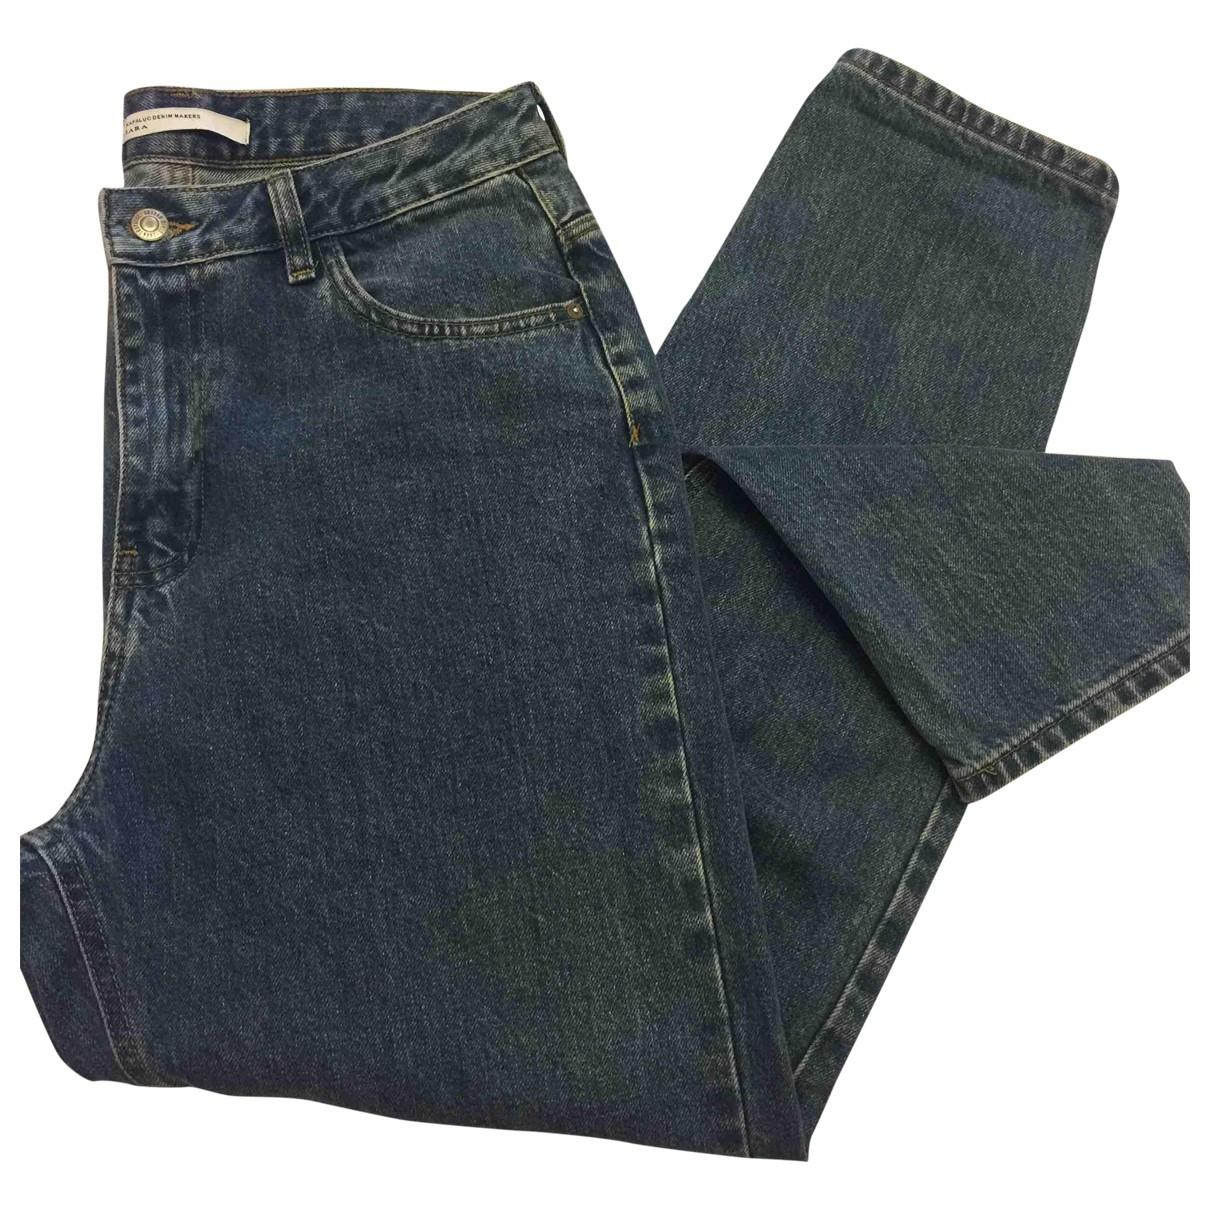 Zara \N Blue Denim - Jeans Trousers for Women 44 IT